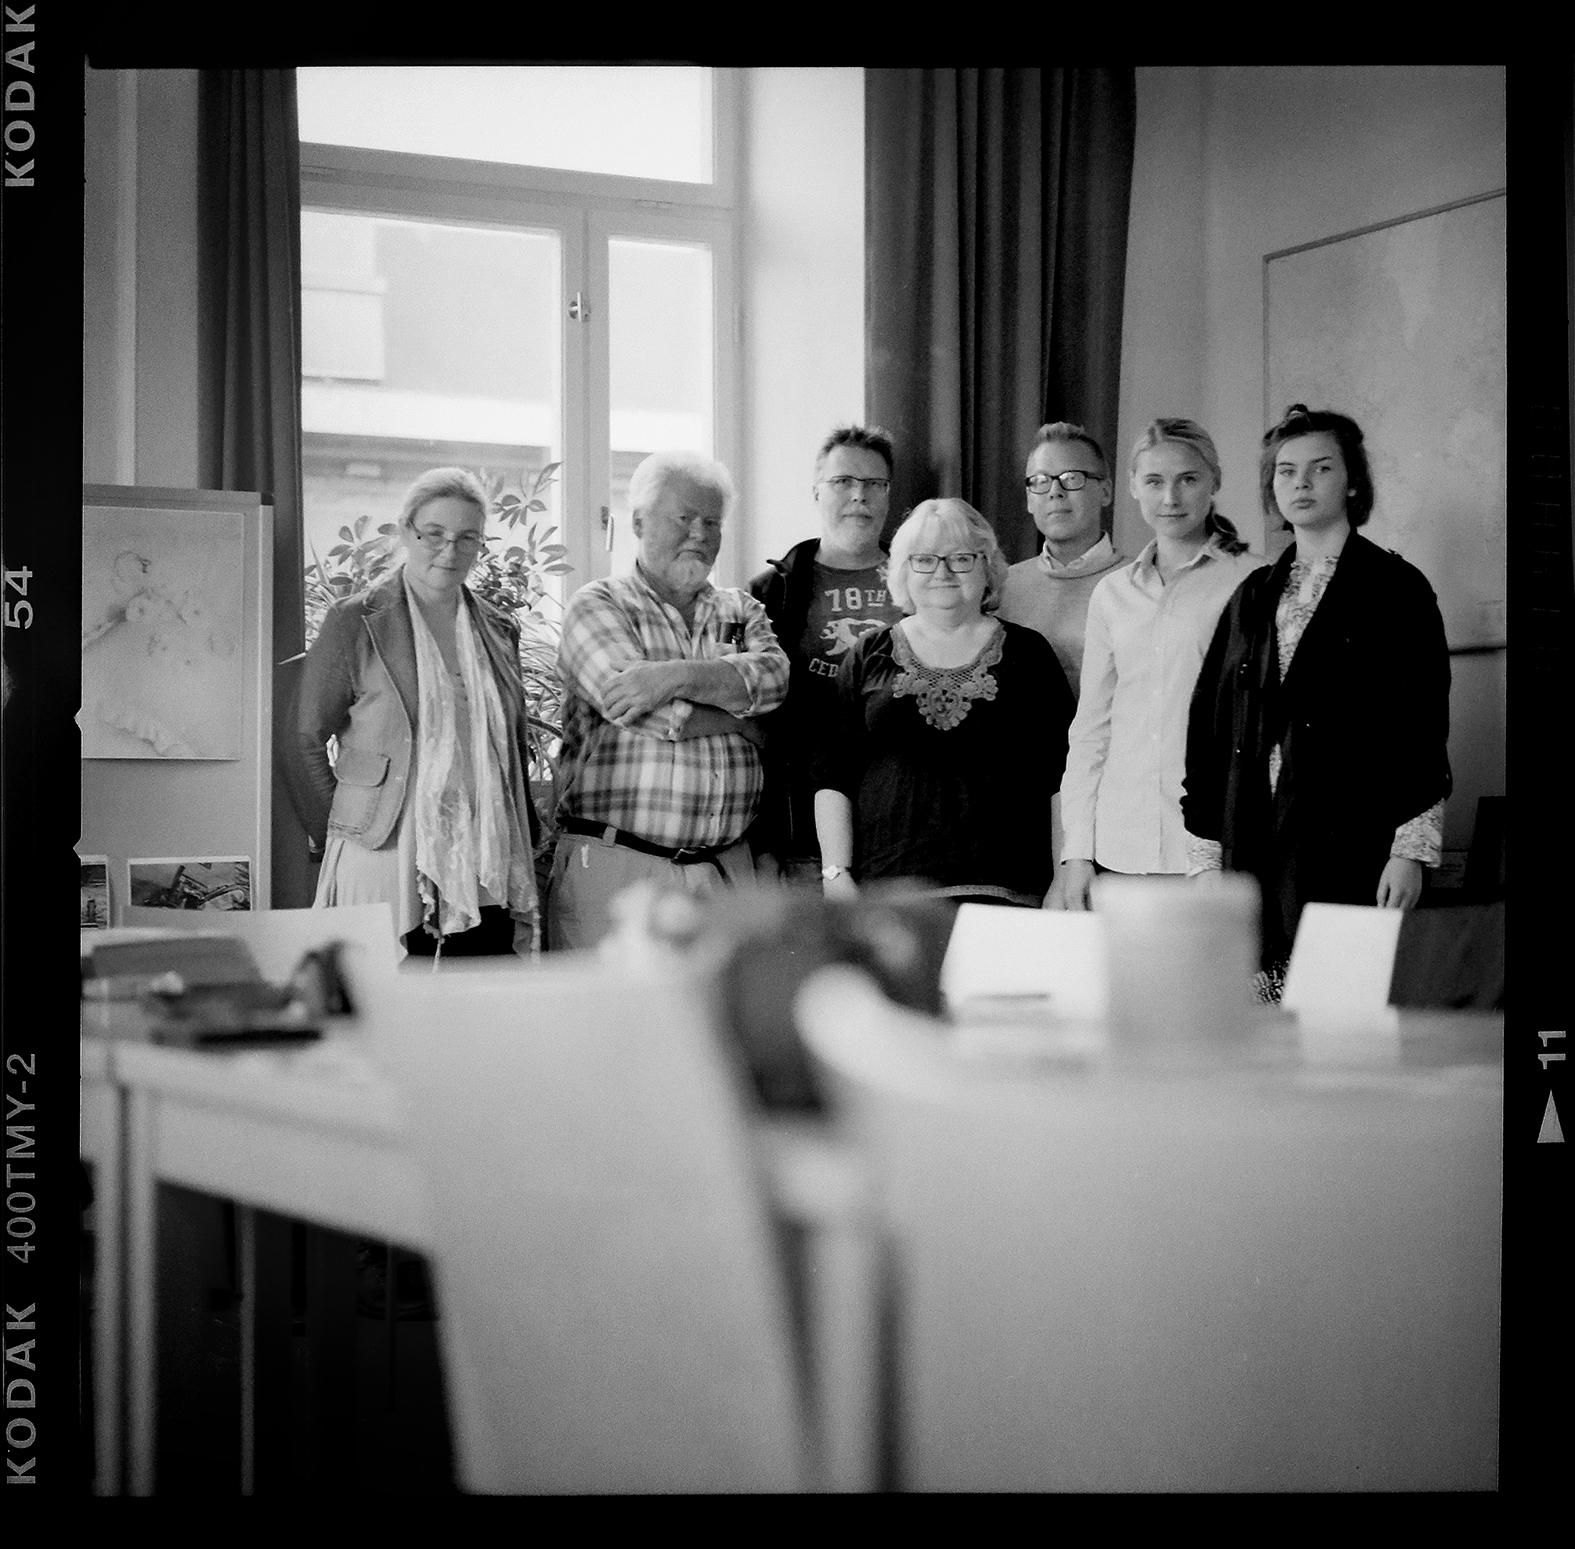 Hasselblad och jag på Eskilstunafolkhögskola. Foto: Mikael Andersson, Hasselblad 500 CM.